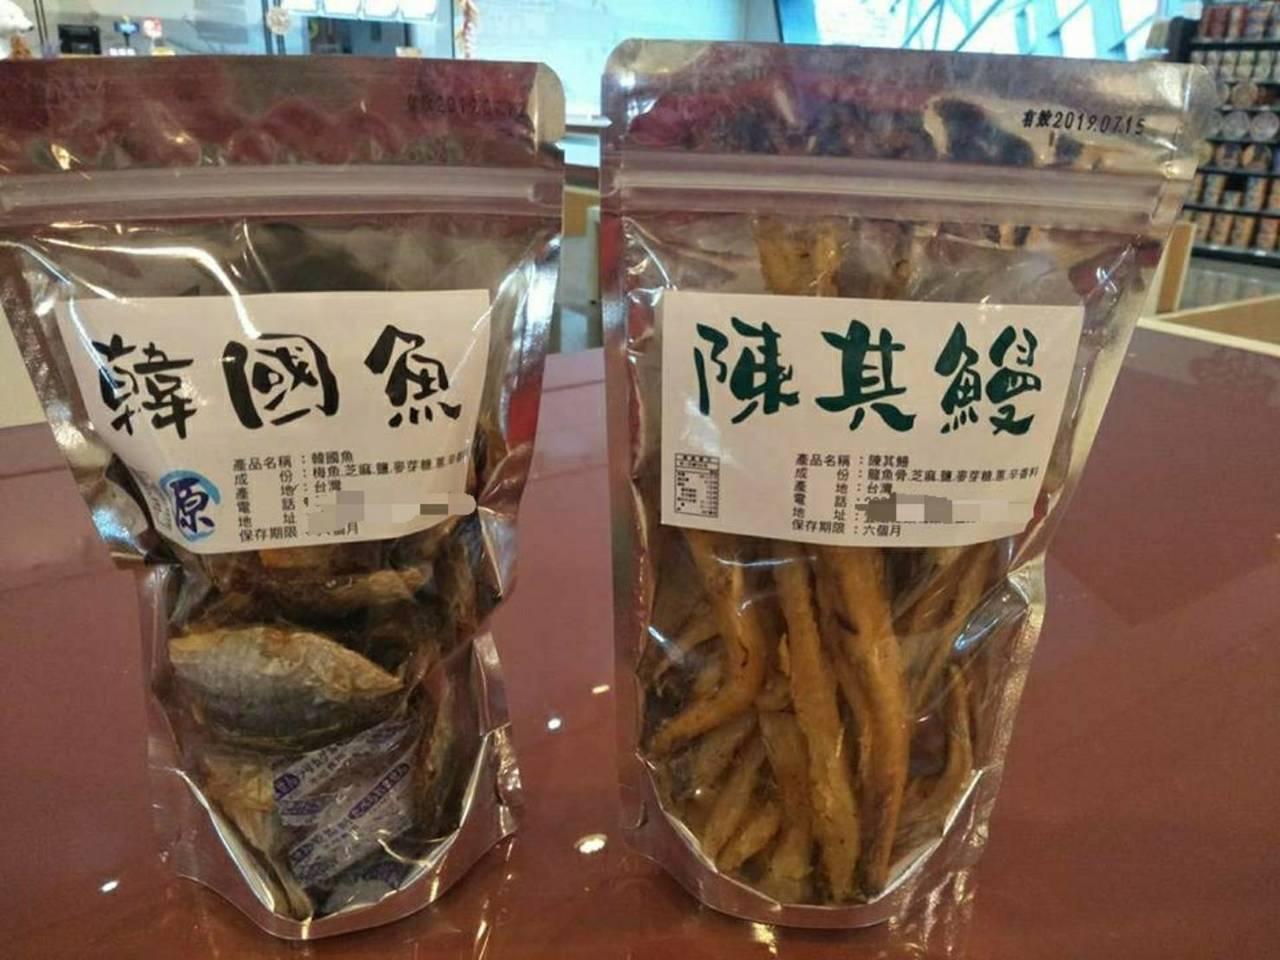 阿信師表示,韓國魚是竹筴魚魚乾,陳其鰻則是鰻魚骨乾燥而成,兩個都是選用龜山島的漁...